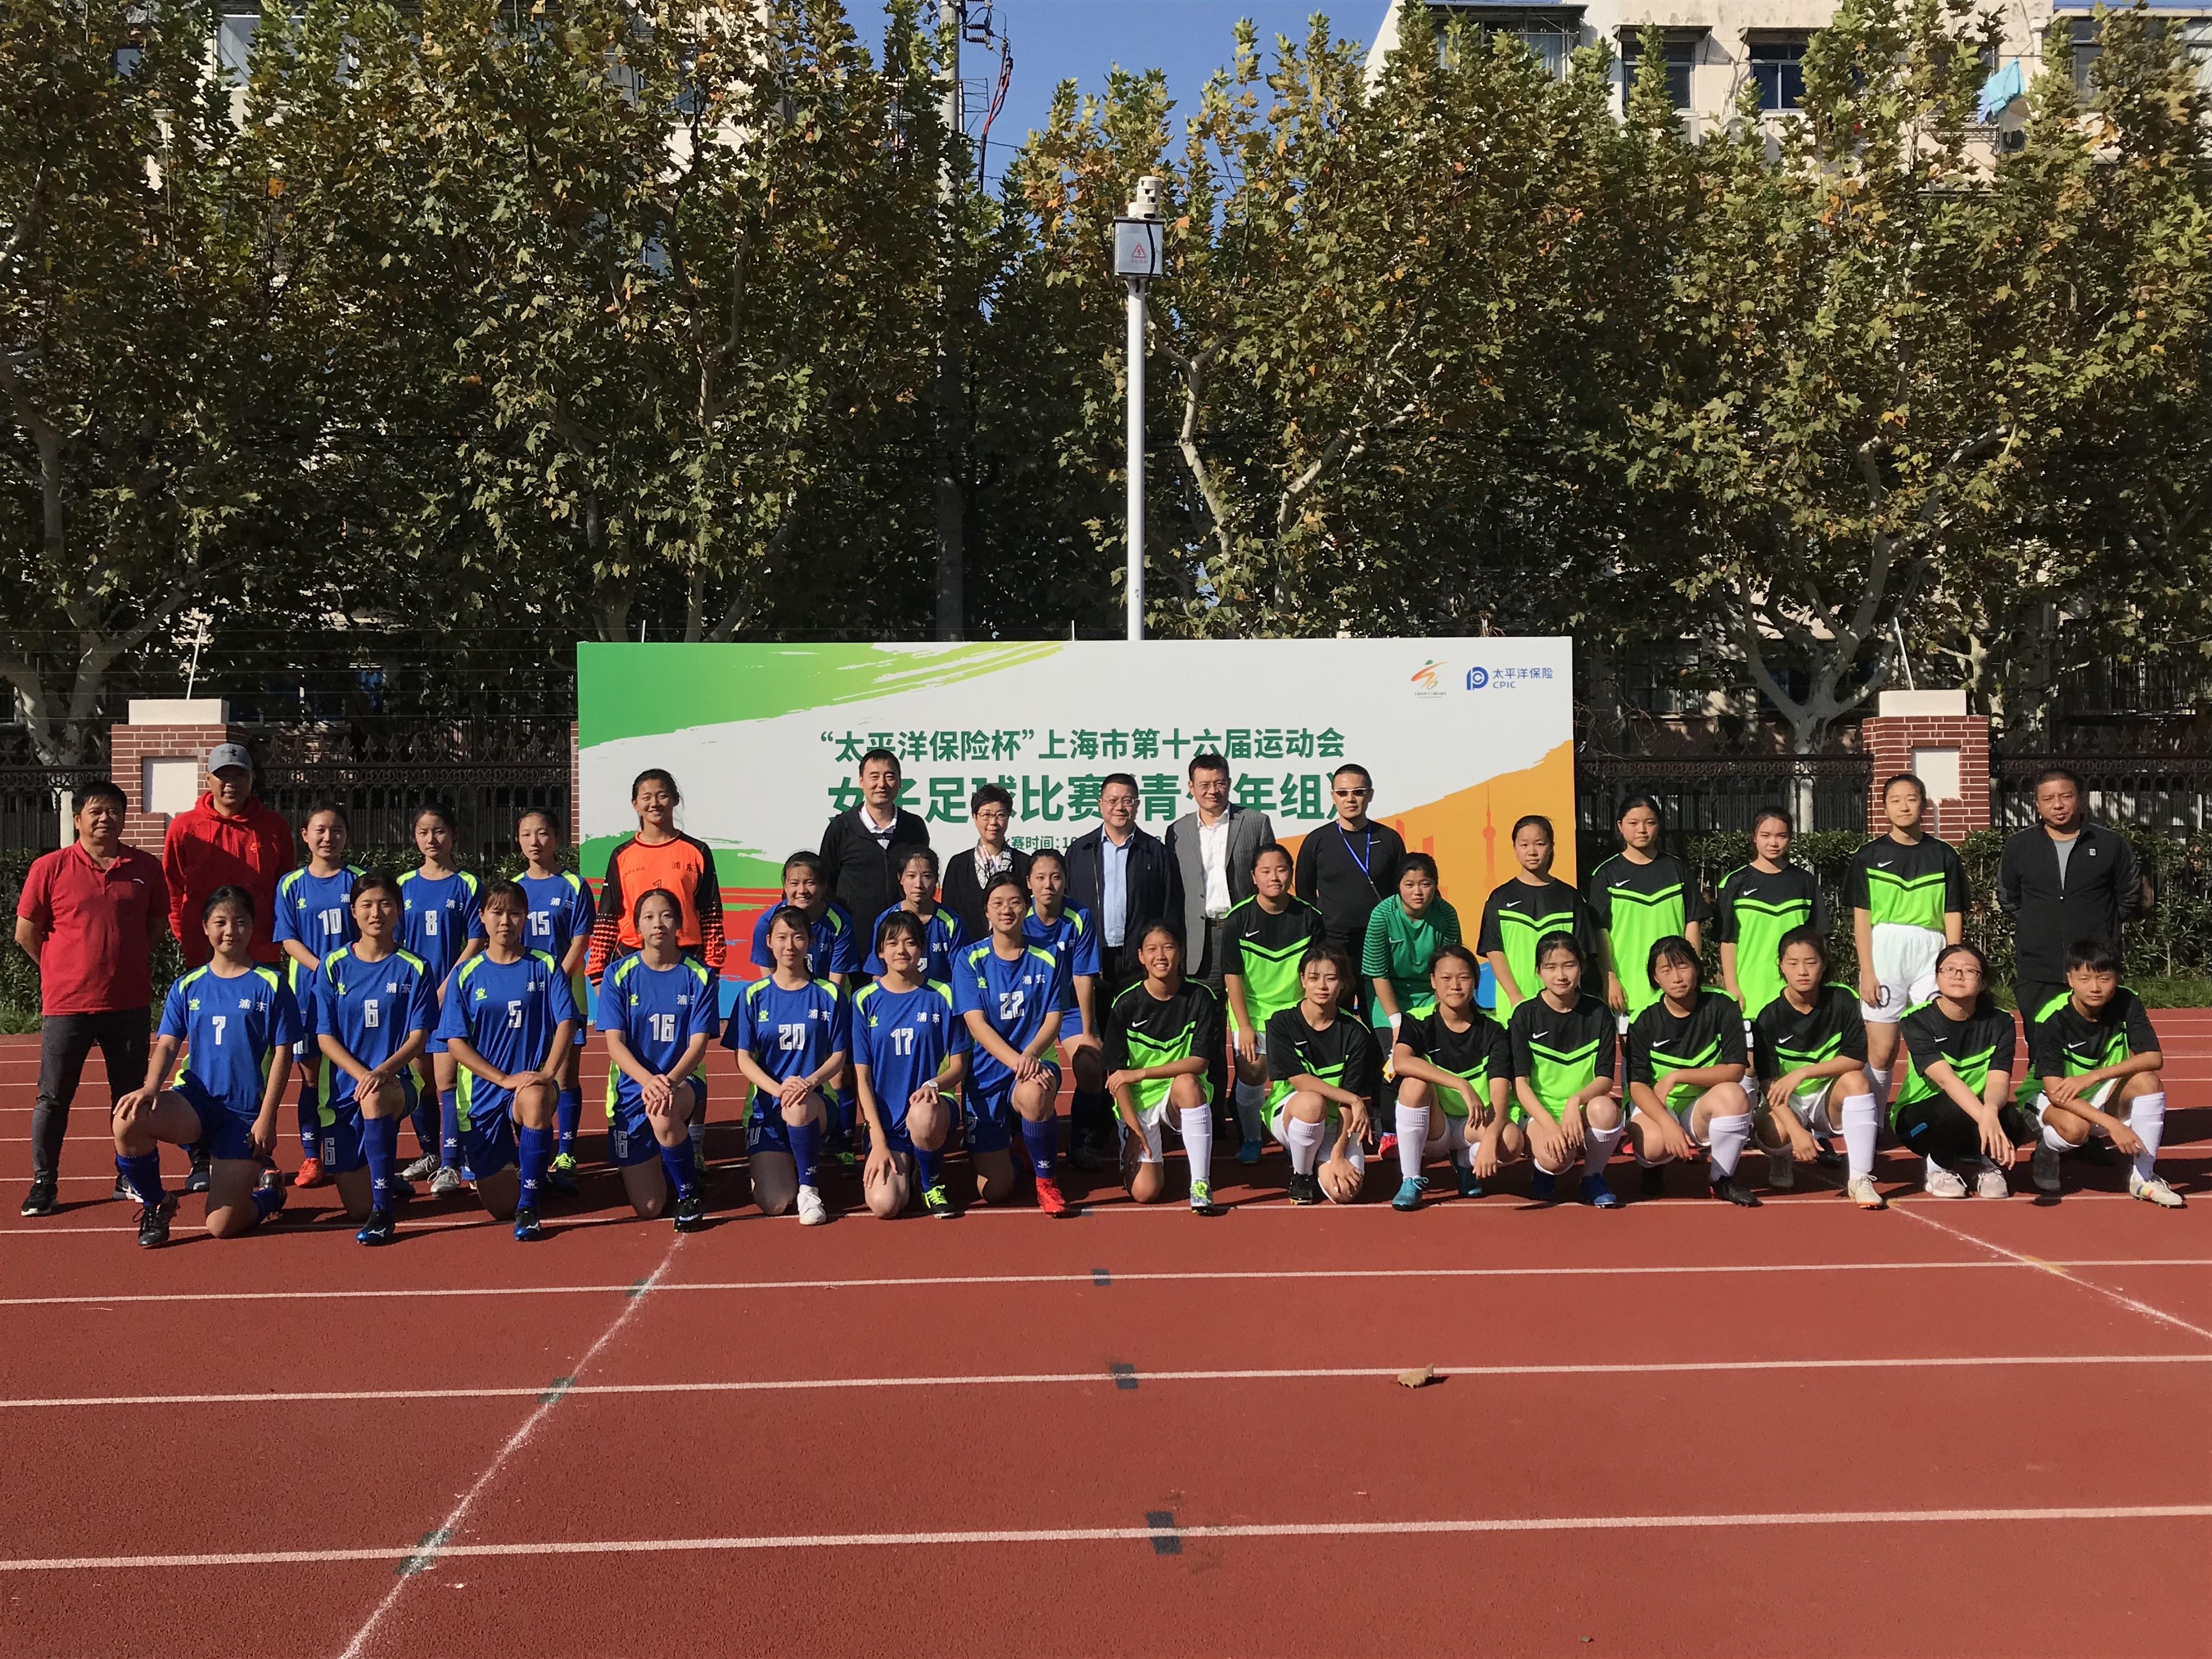 【市运会资讯】普陀、浦东相约11月3日上海市第十六届运动会女子足球A组冠军之争